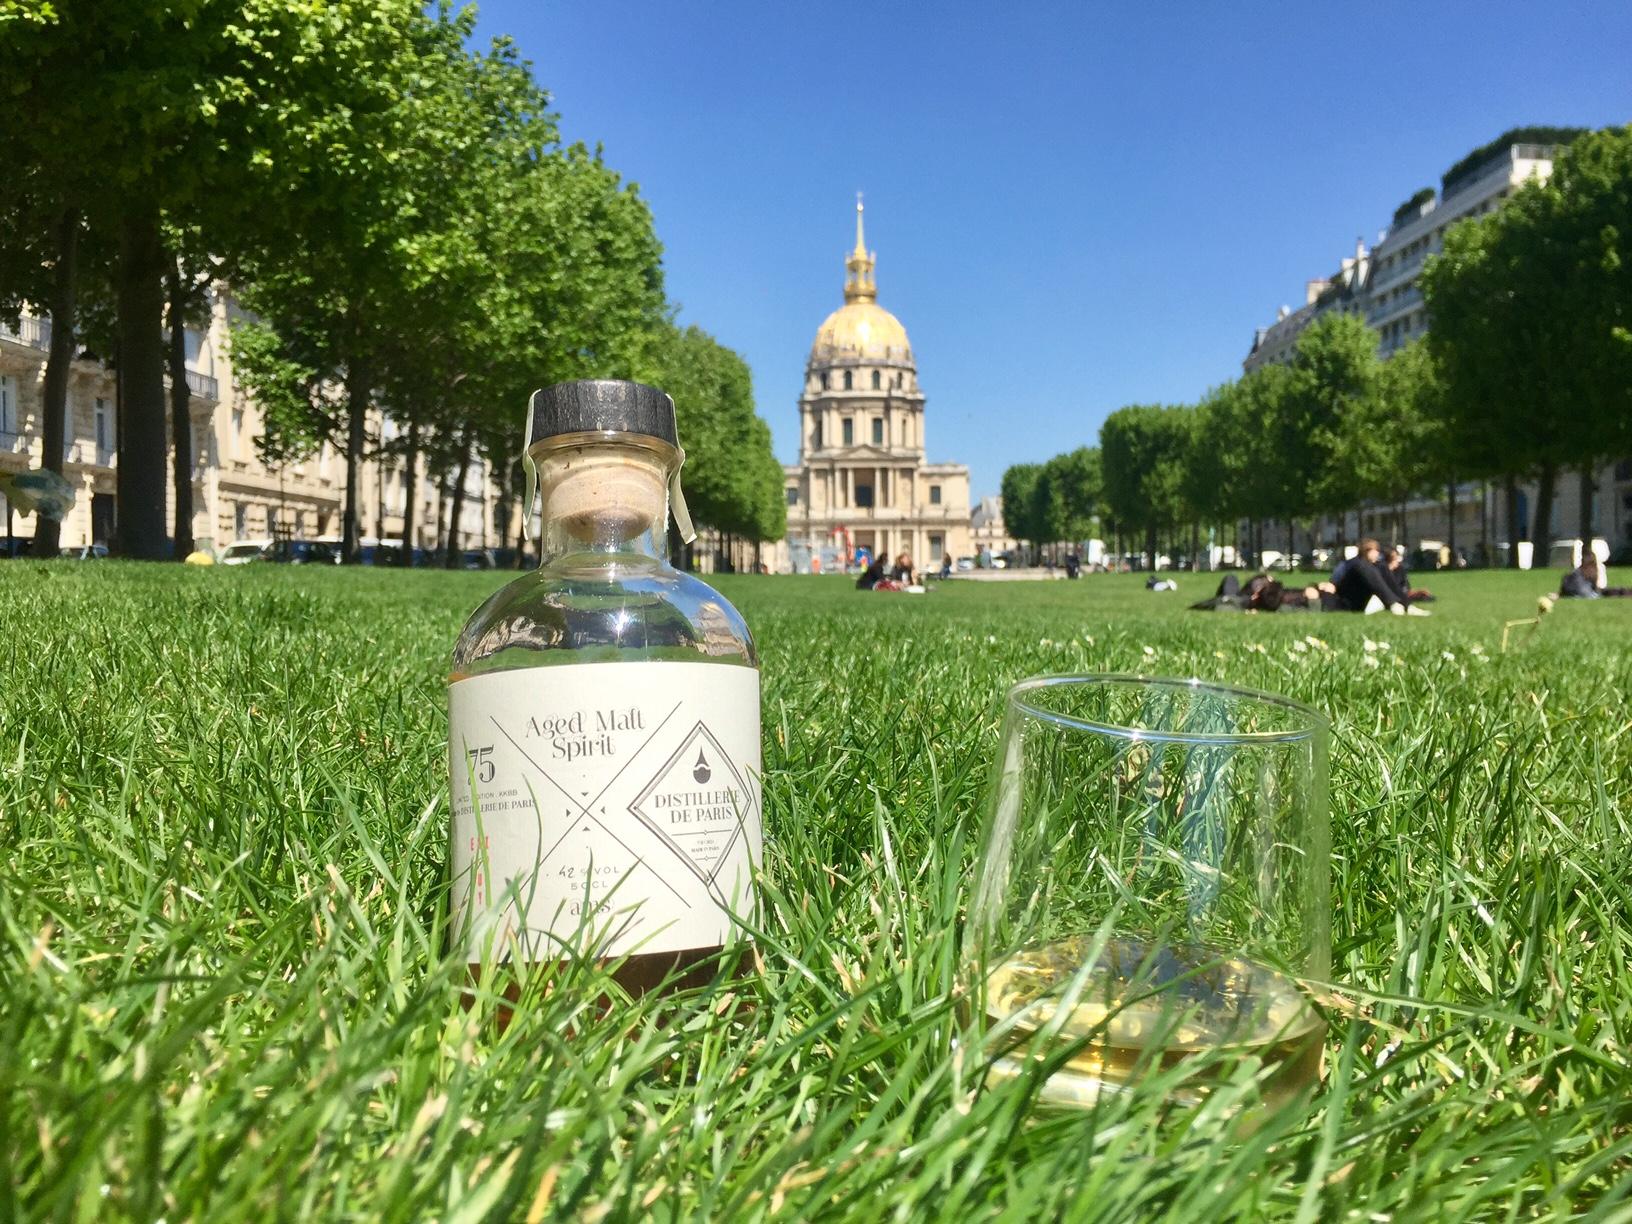 Distillerie de Paris, Paris, Sebastien Jhulès, Nicolas Jhulès, Aged Malt Spirit, orge maltée, Holstein, chêne Français, forêt de Tronçais, whisky français, french whisky.